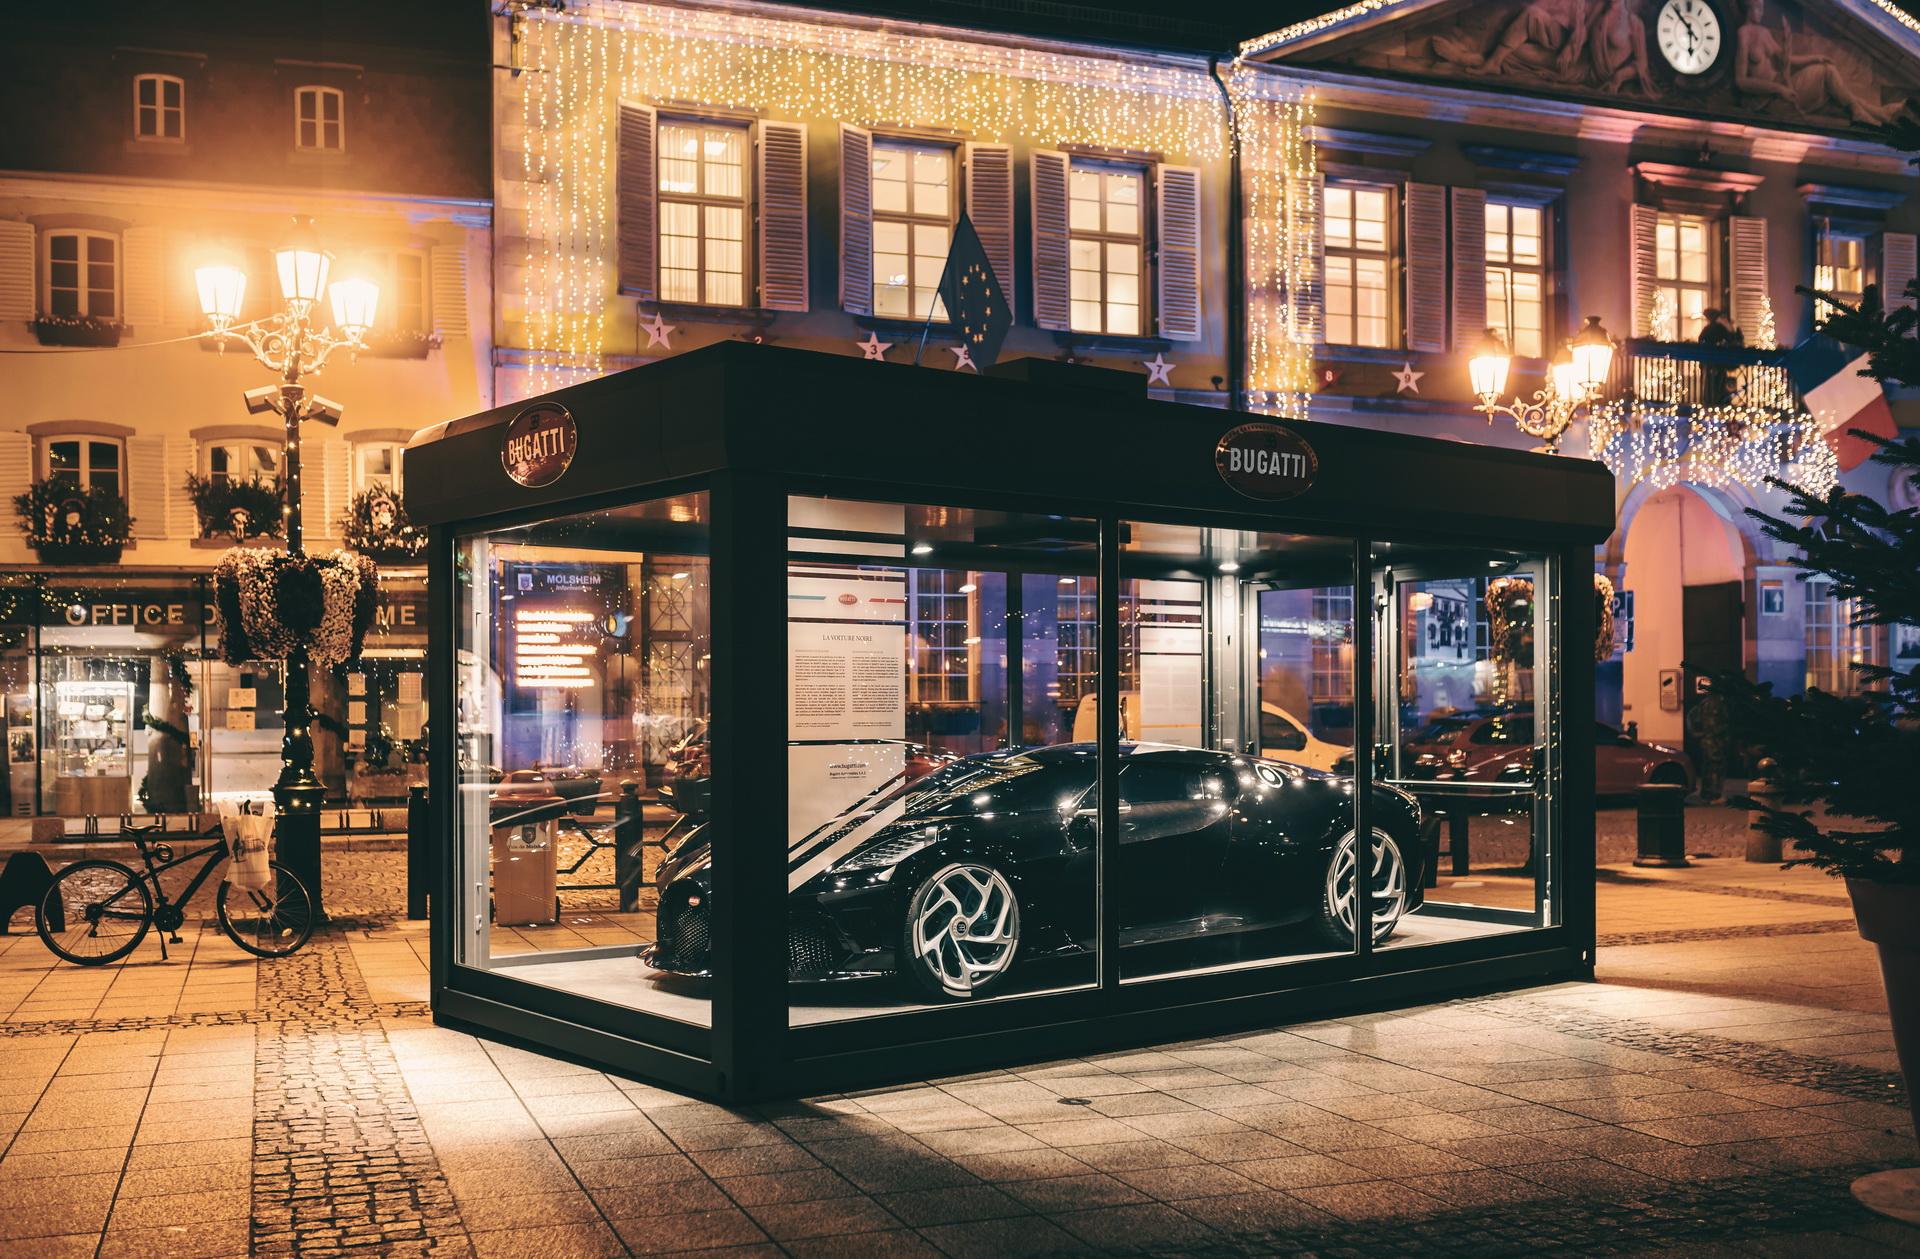 Bugatti Christmas